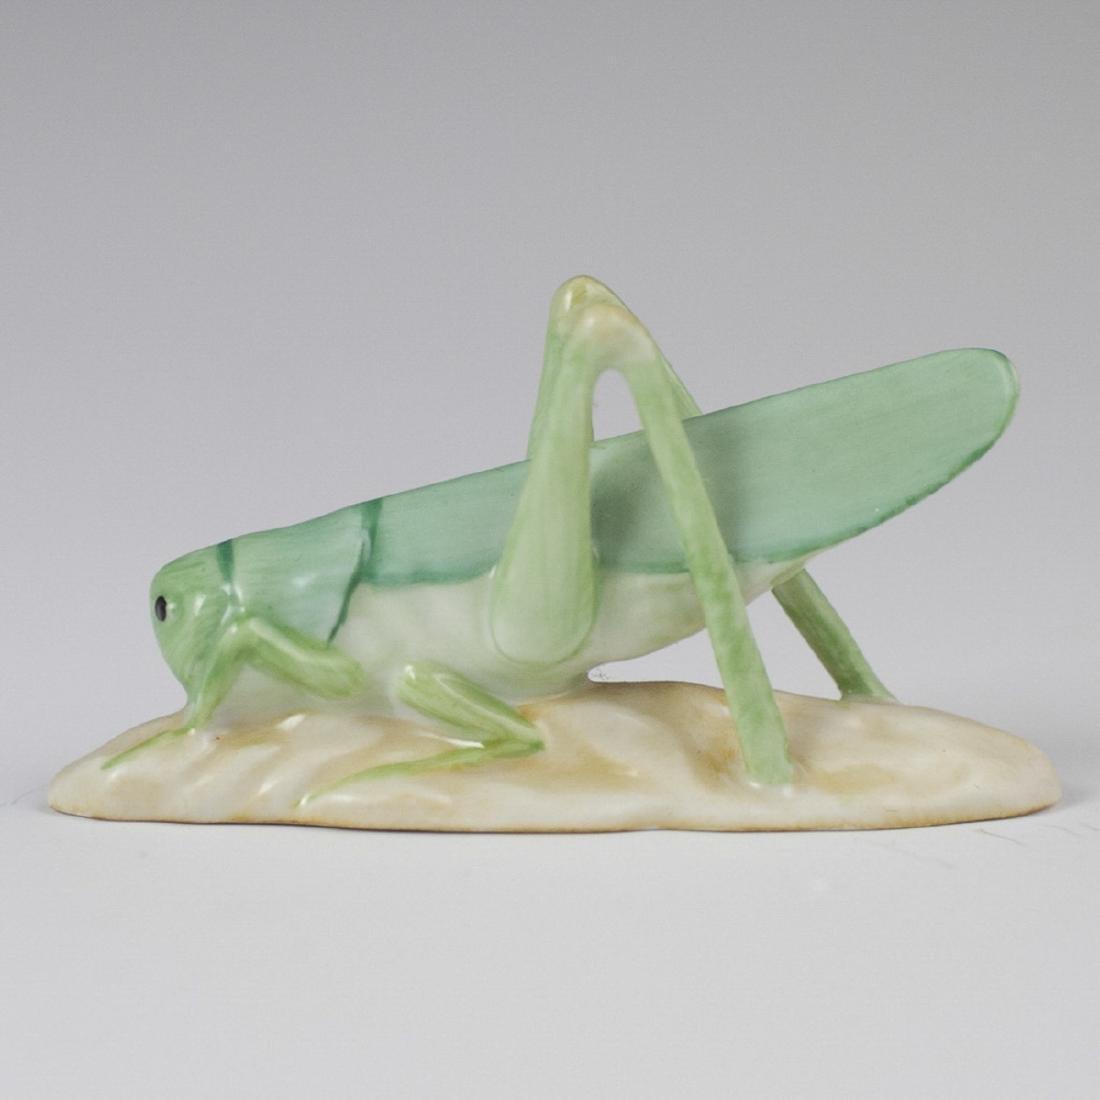 Herend Porcelain Cricket Figurine